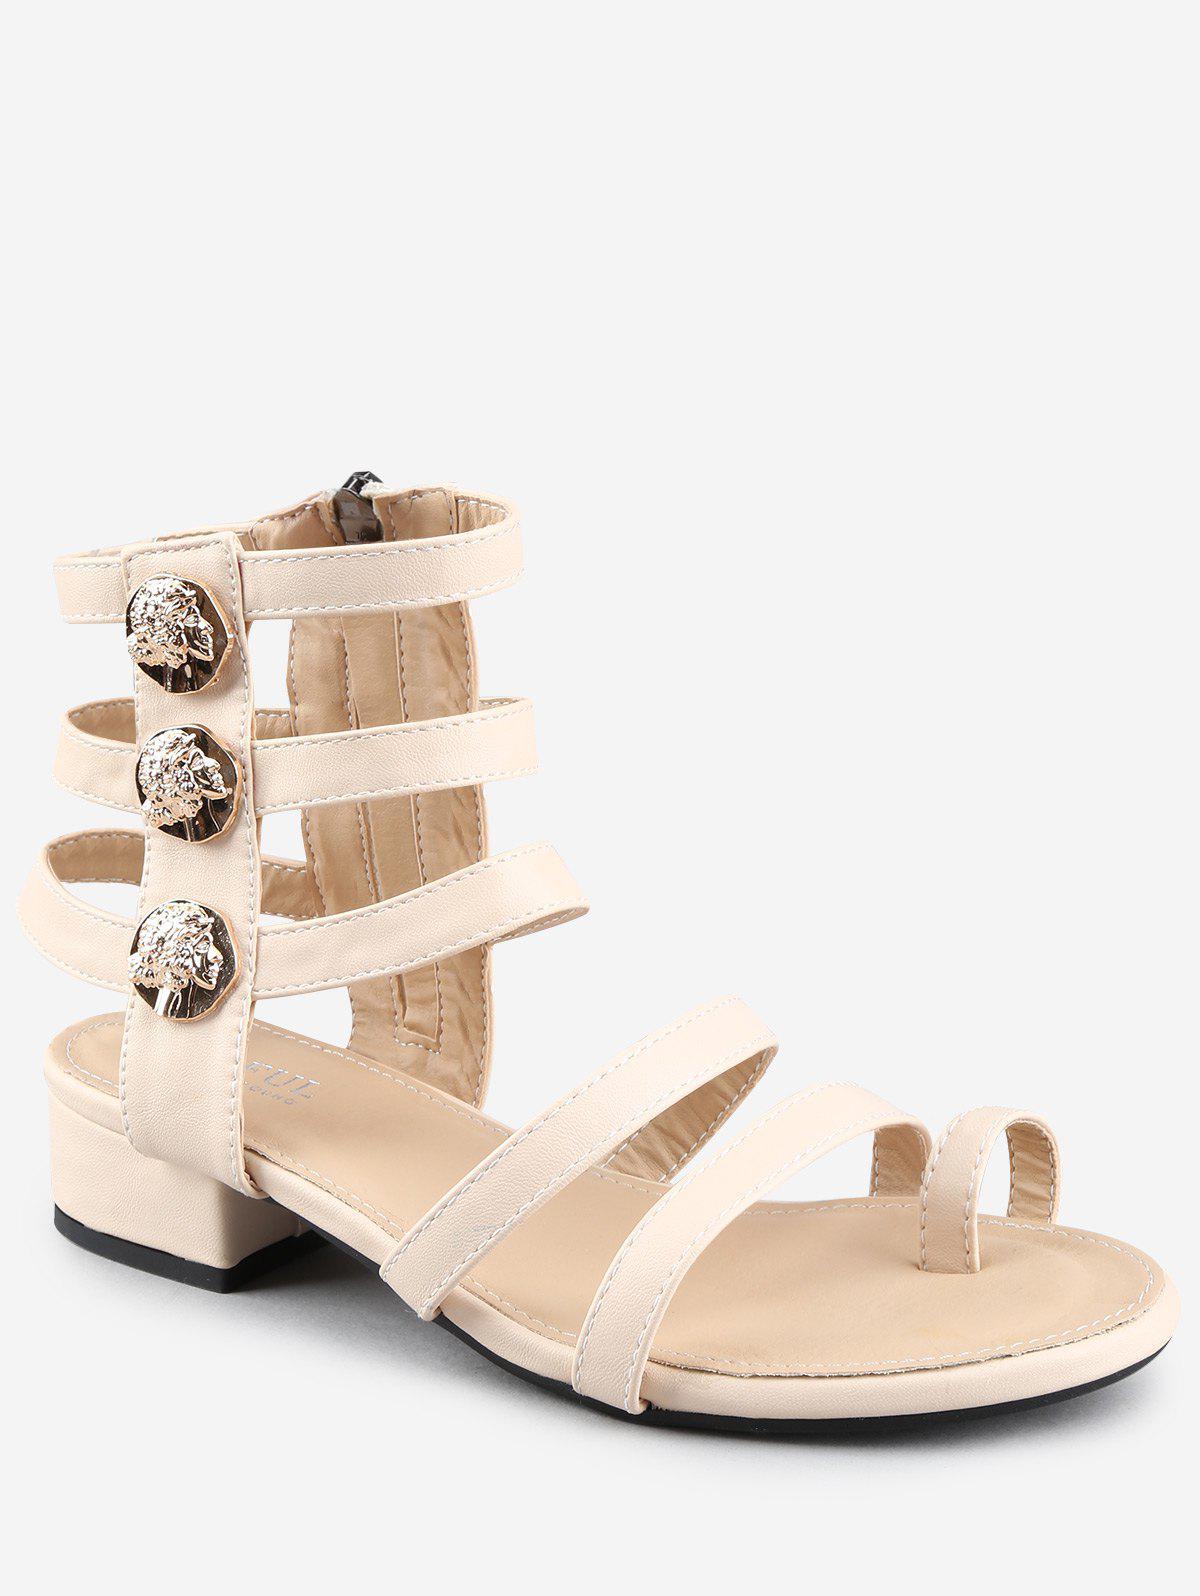 Leisure Low Chunky Heel Gladiator Metallic Thong Sandals